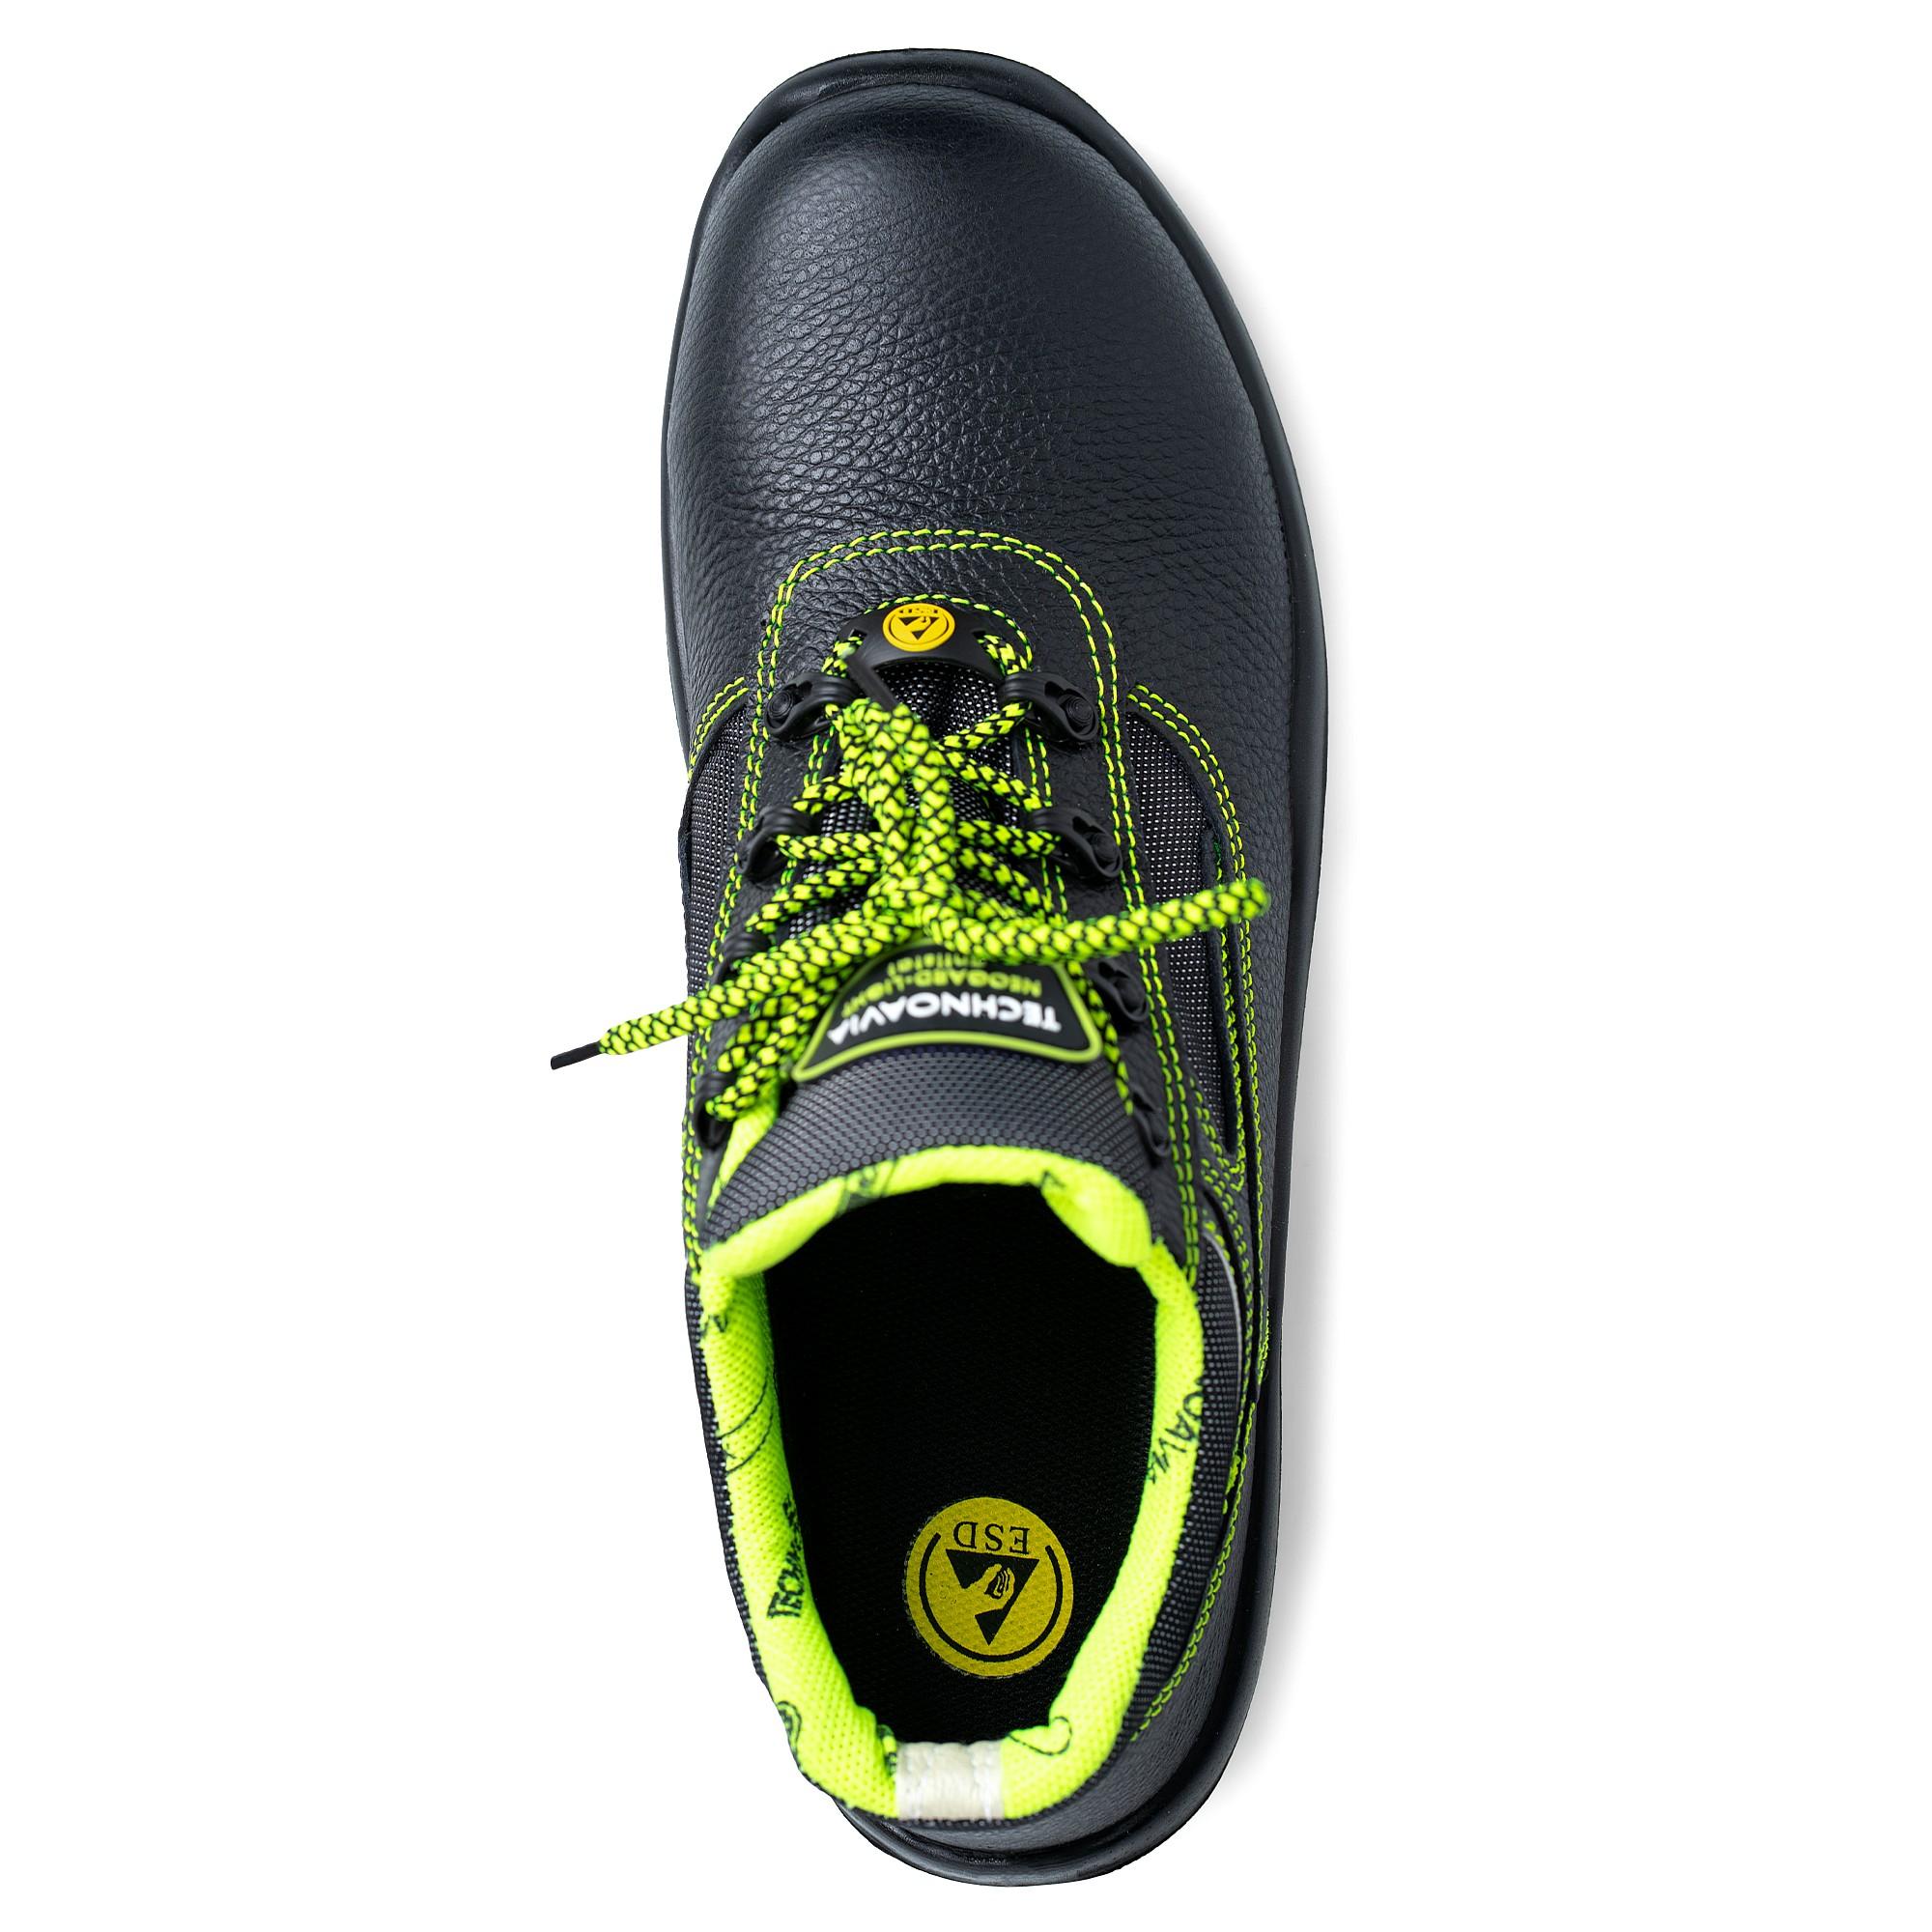 a8e339a66 Полуботинки мужские кожаные «Неогард-Лайт® Антистат» с внутренним защитным  носком из композитного